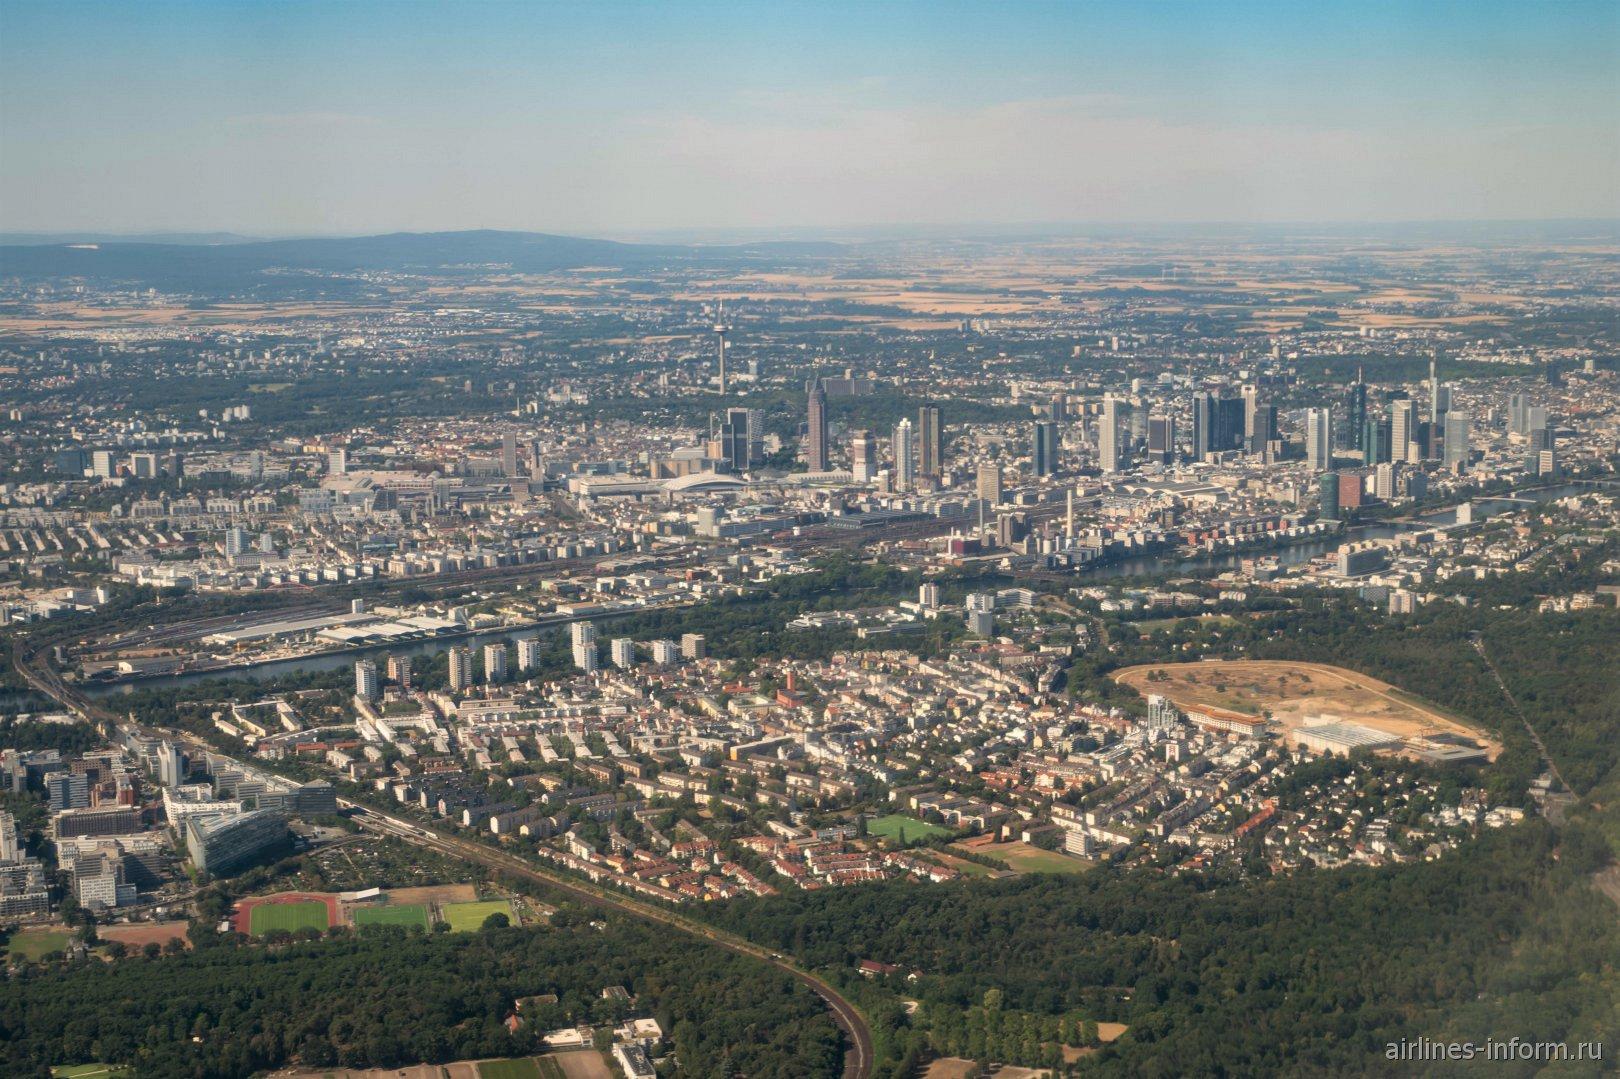 Вид из самолета на город Франкфурт-на-Майне в Германии